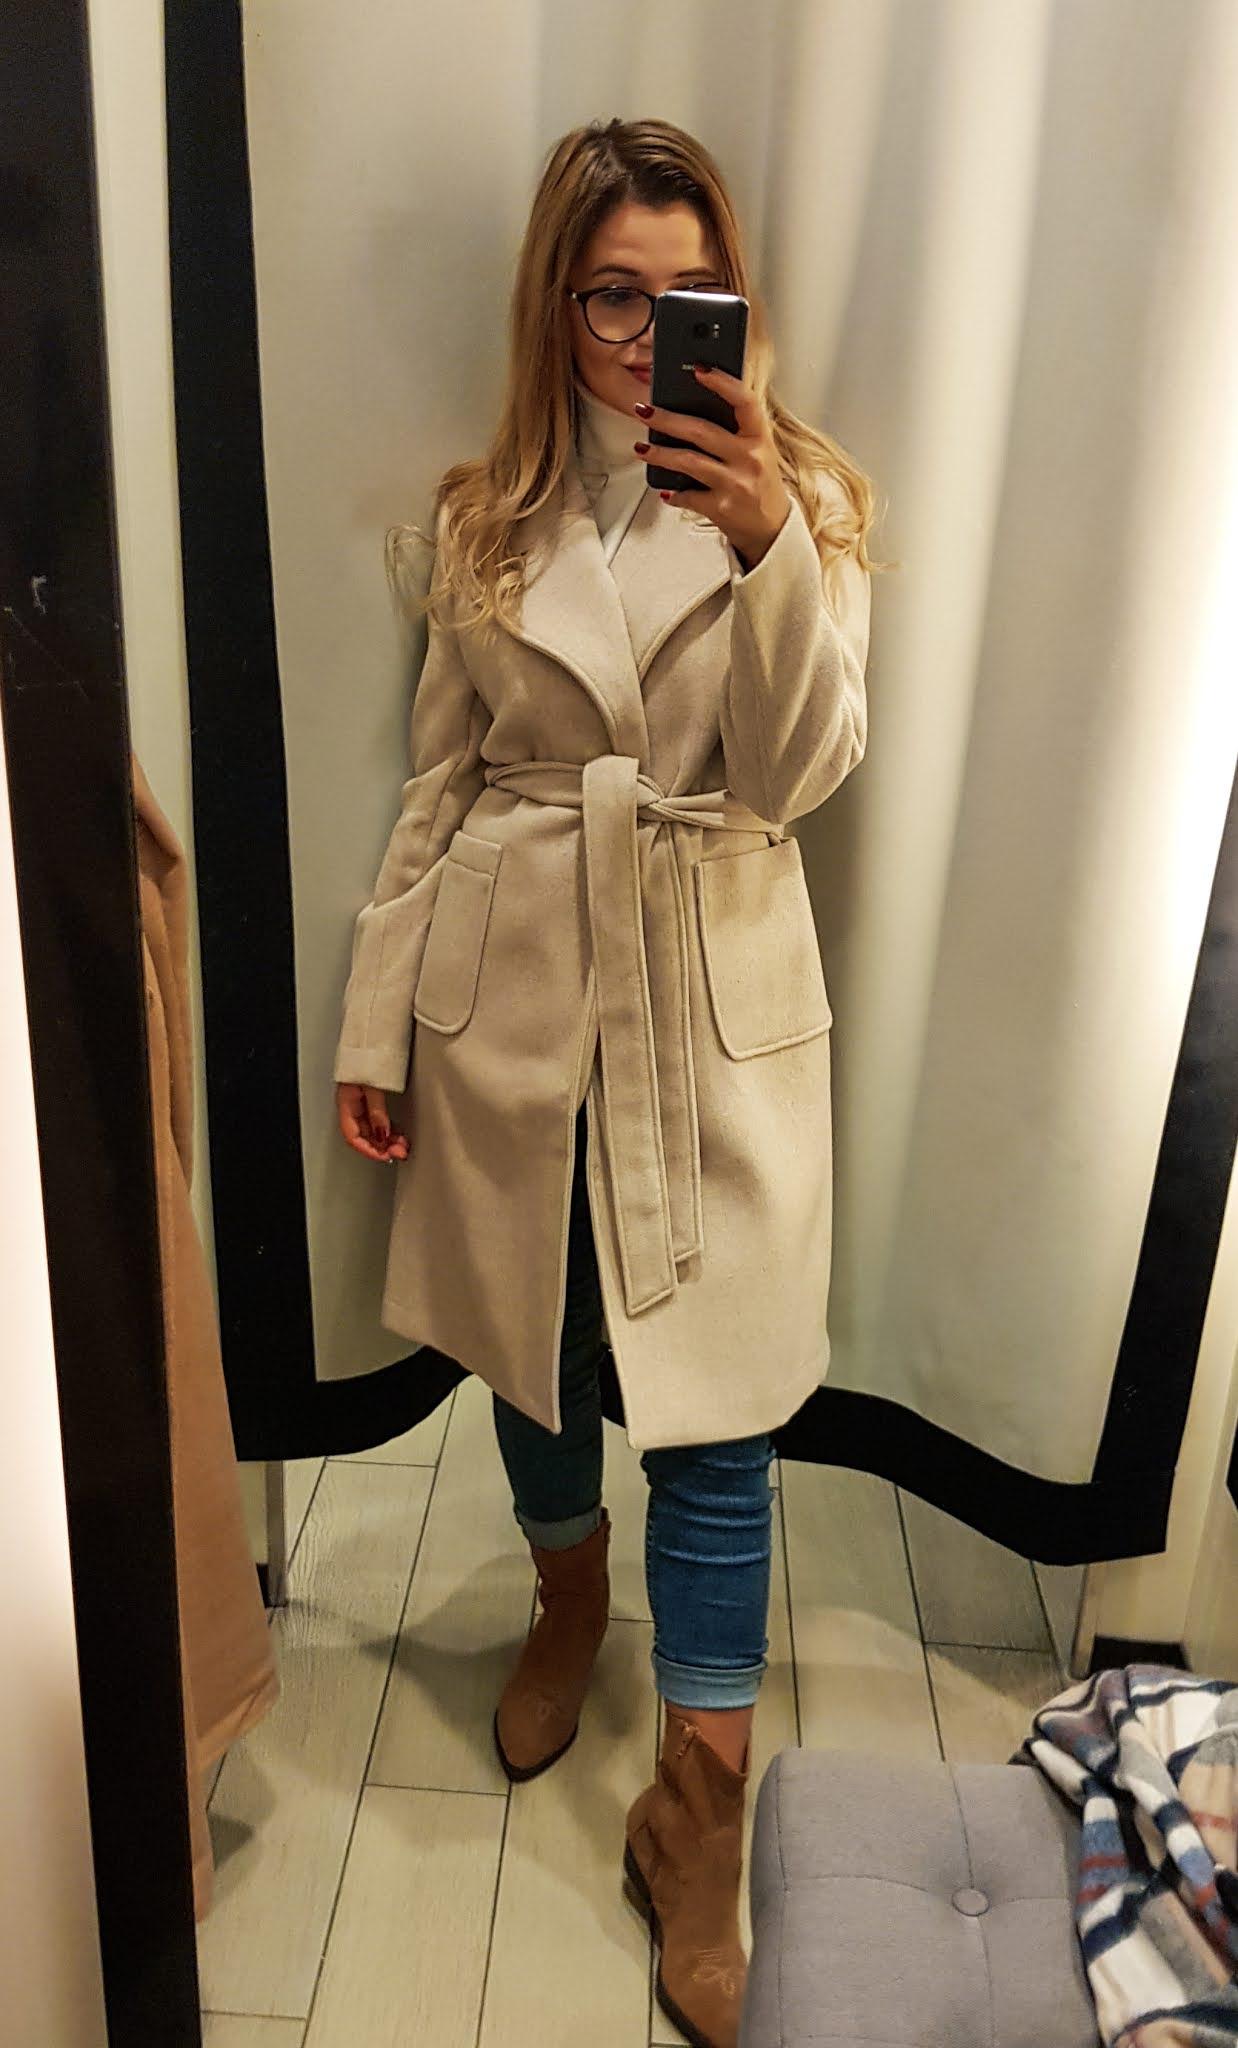 Beżowy szlafrokowy płaszcz z wełną, gdzi ekupić. Mohoto sklep płaszcze na jesień blog